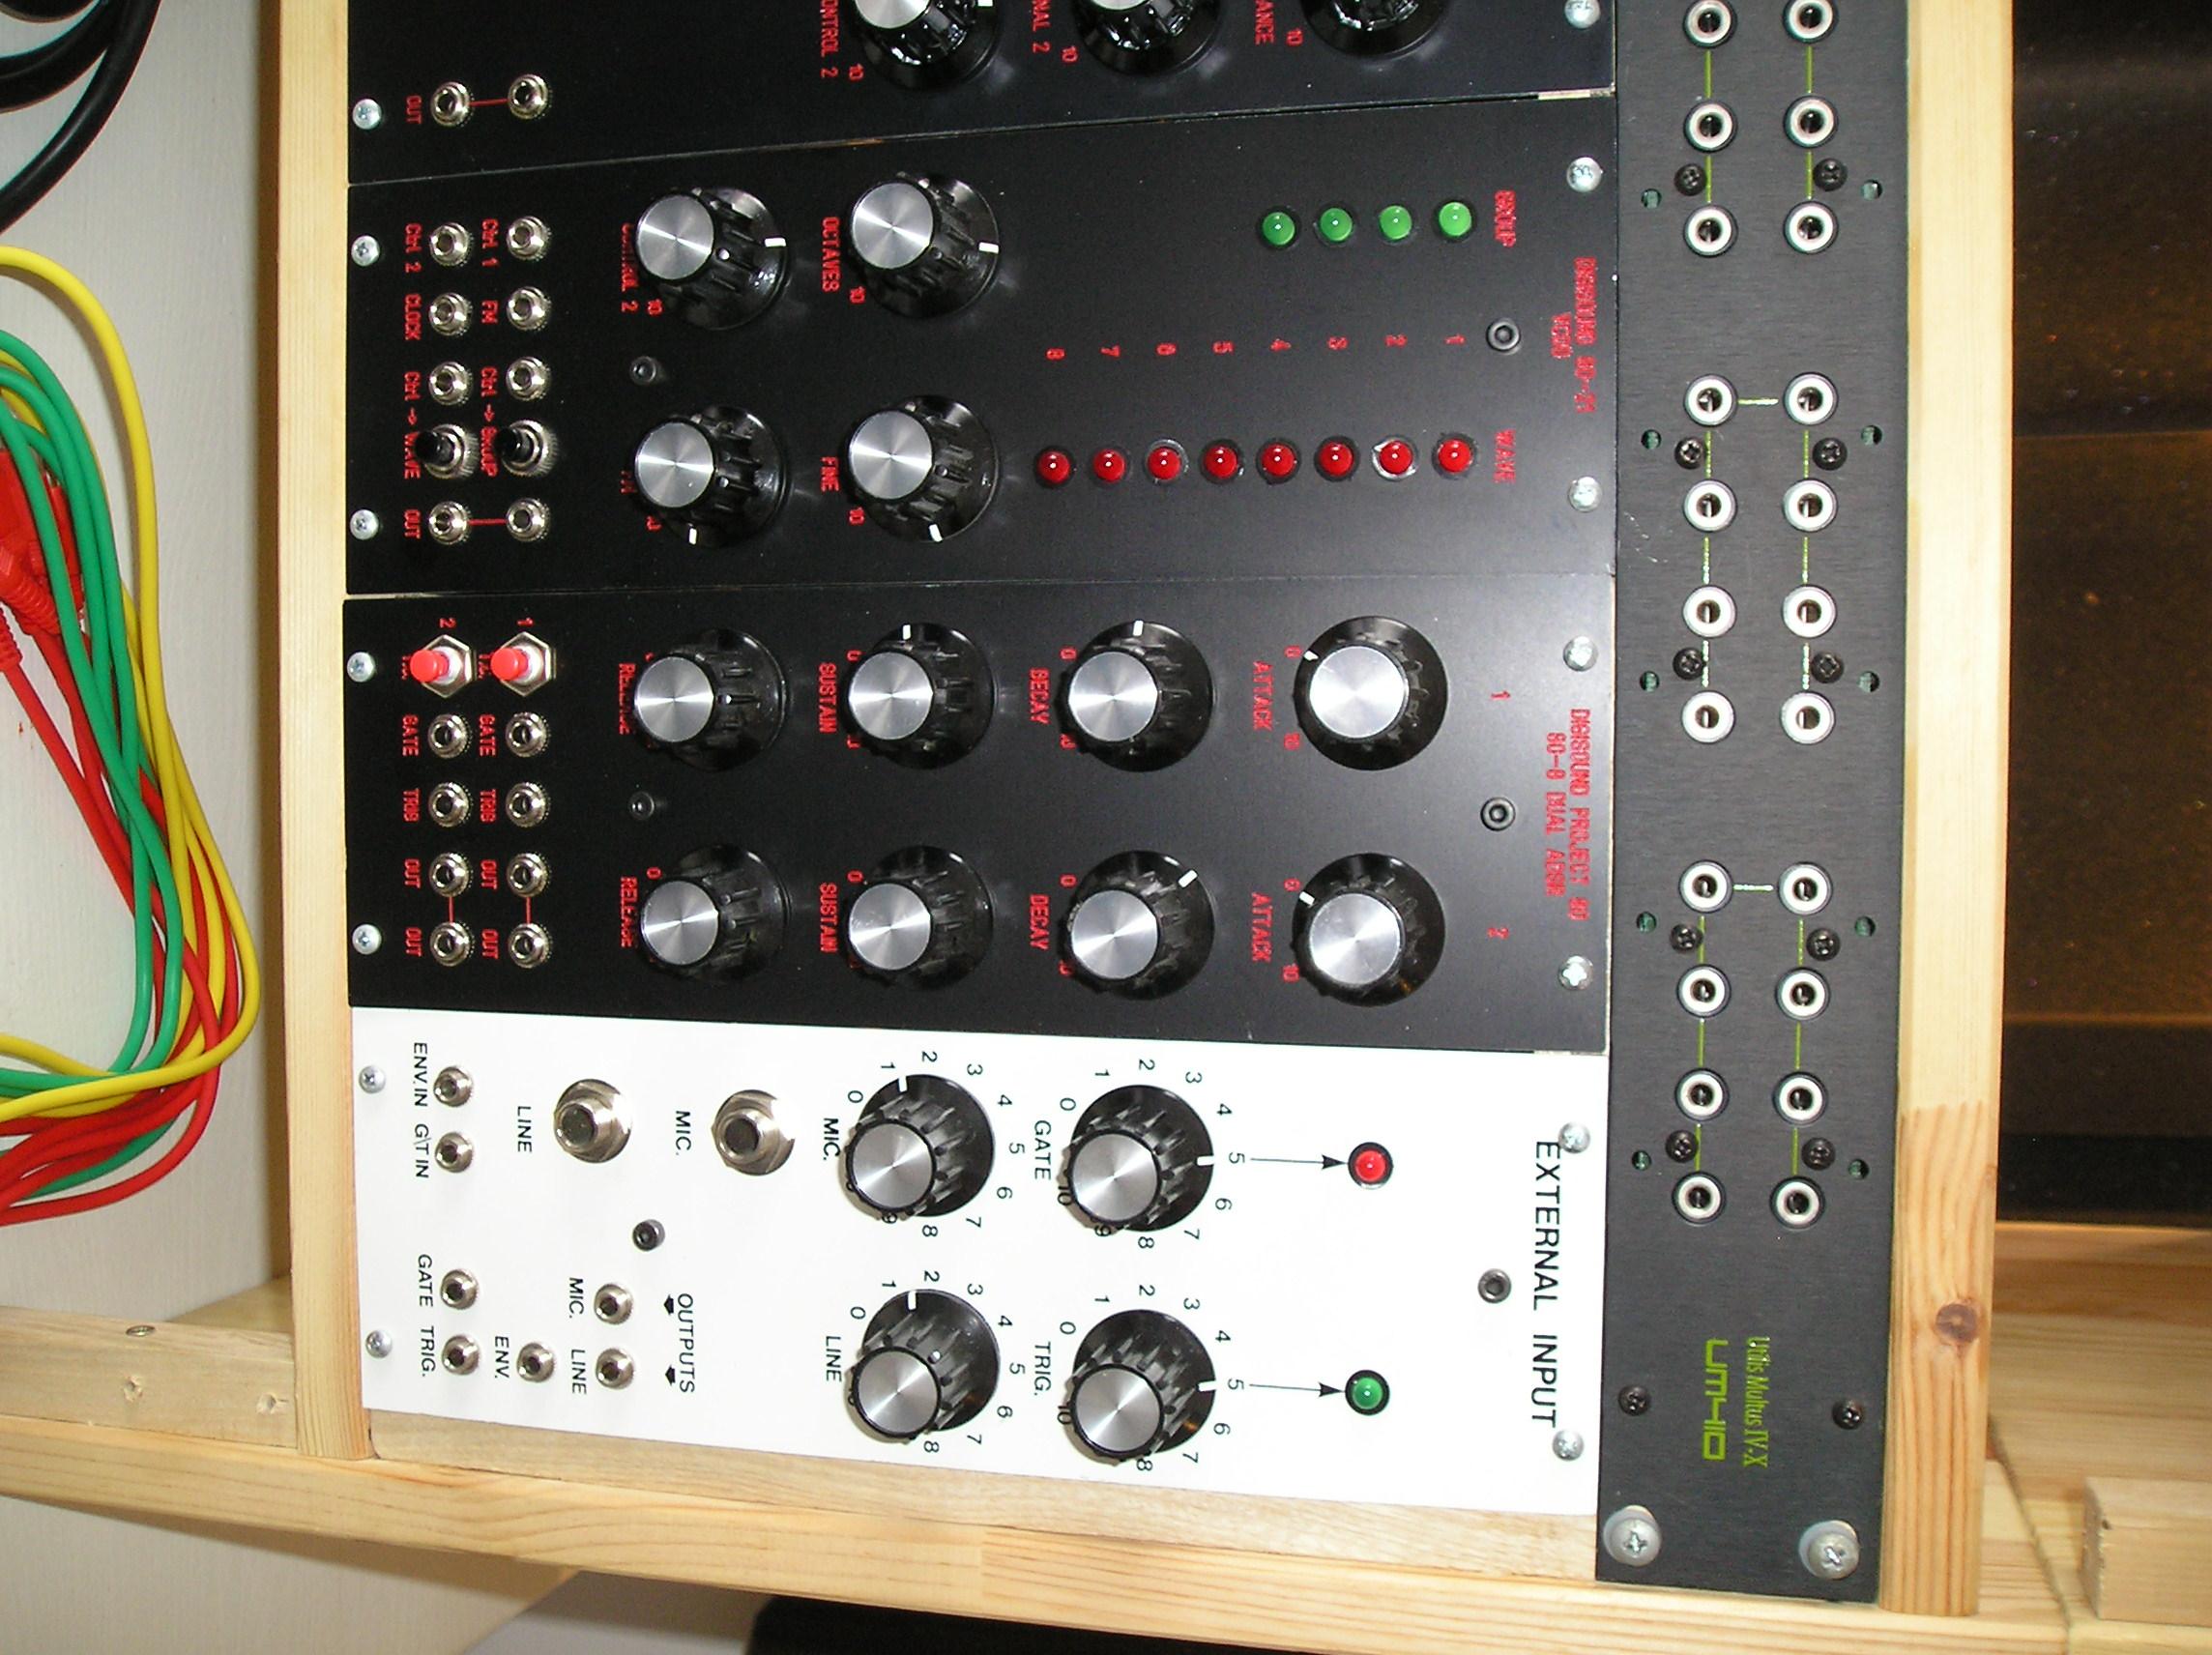 The Digisound 80 Modular Synthesizer – Synthtopia